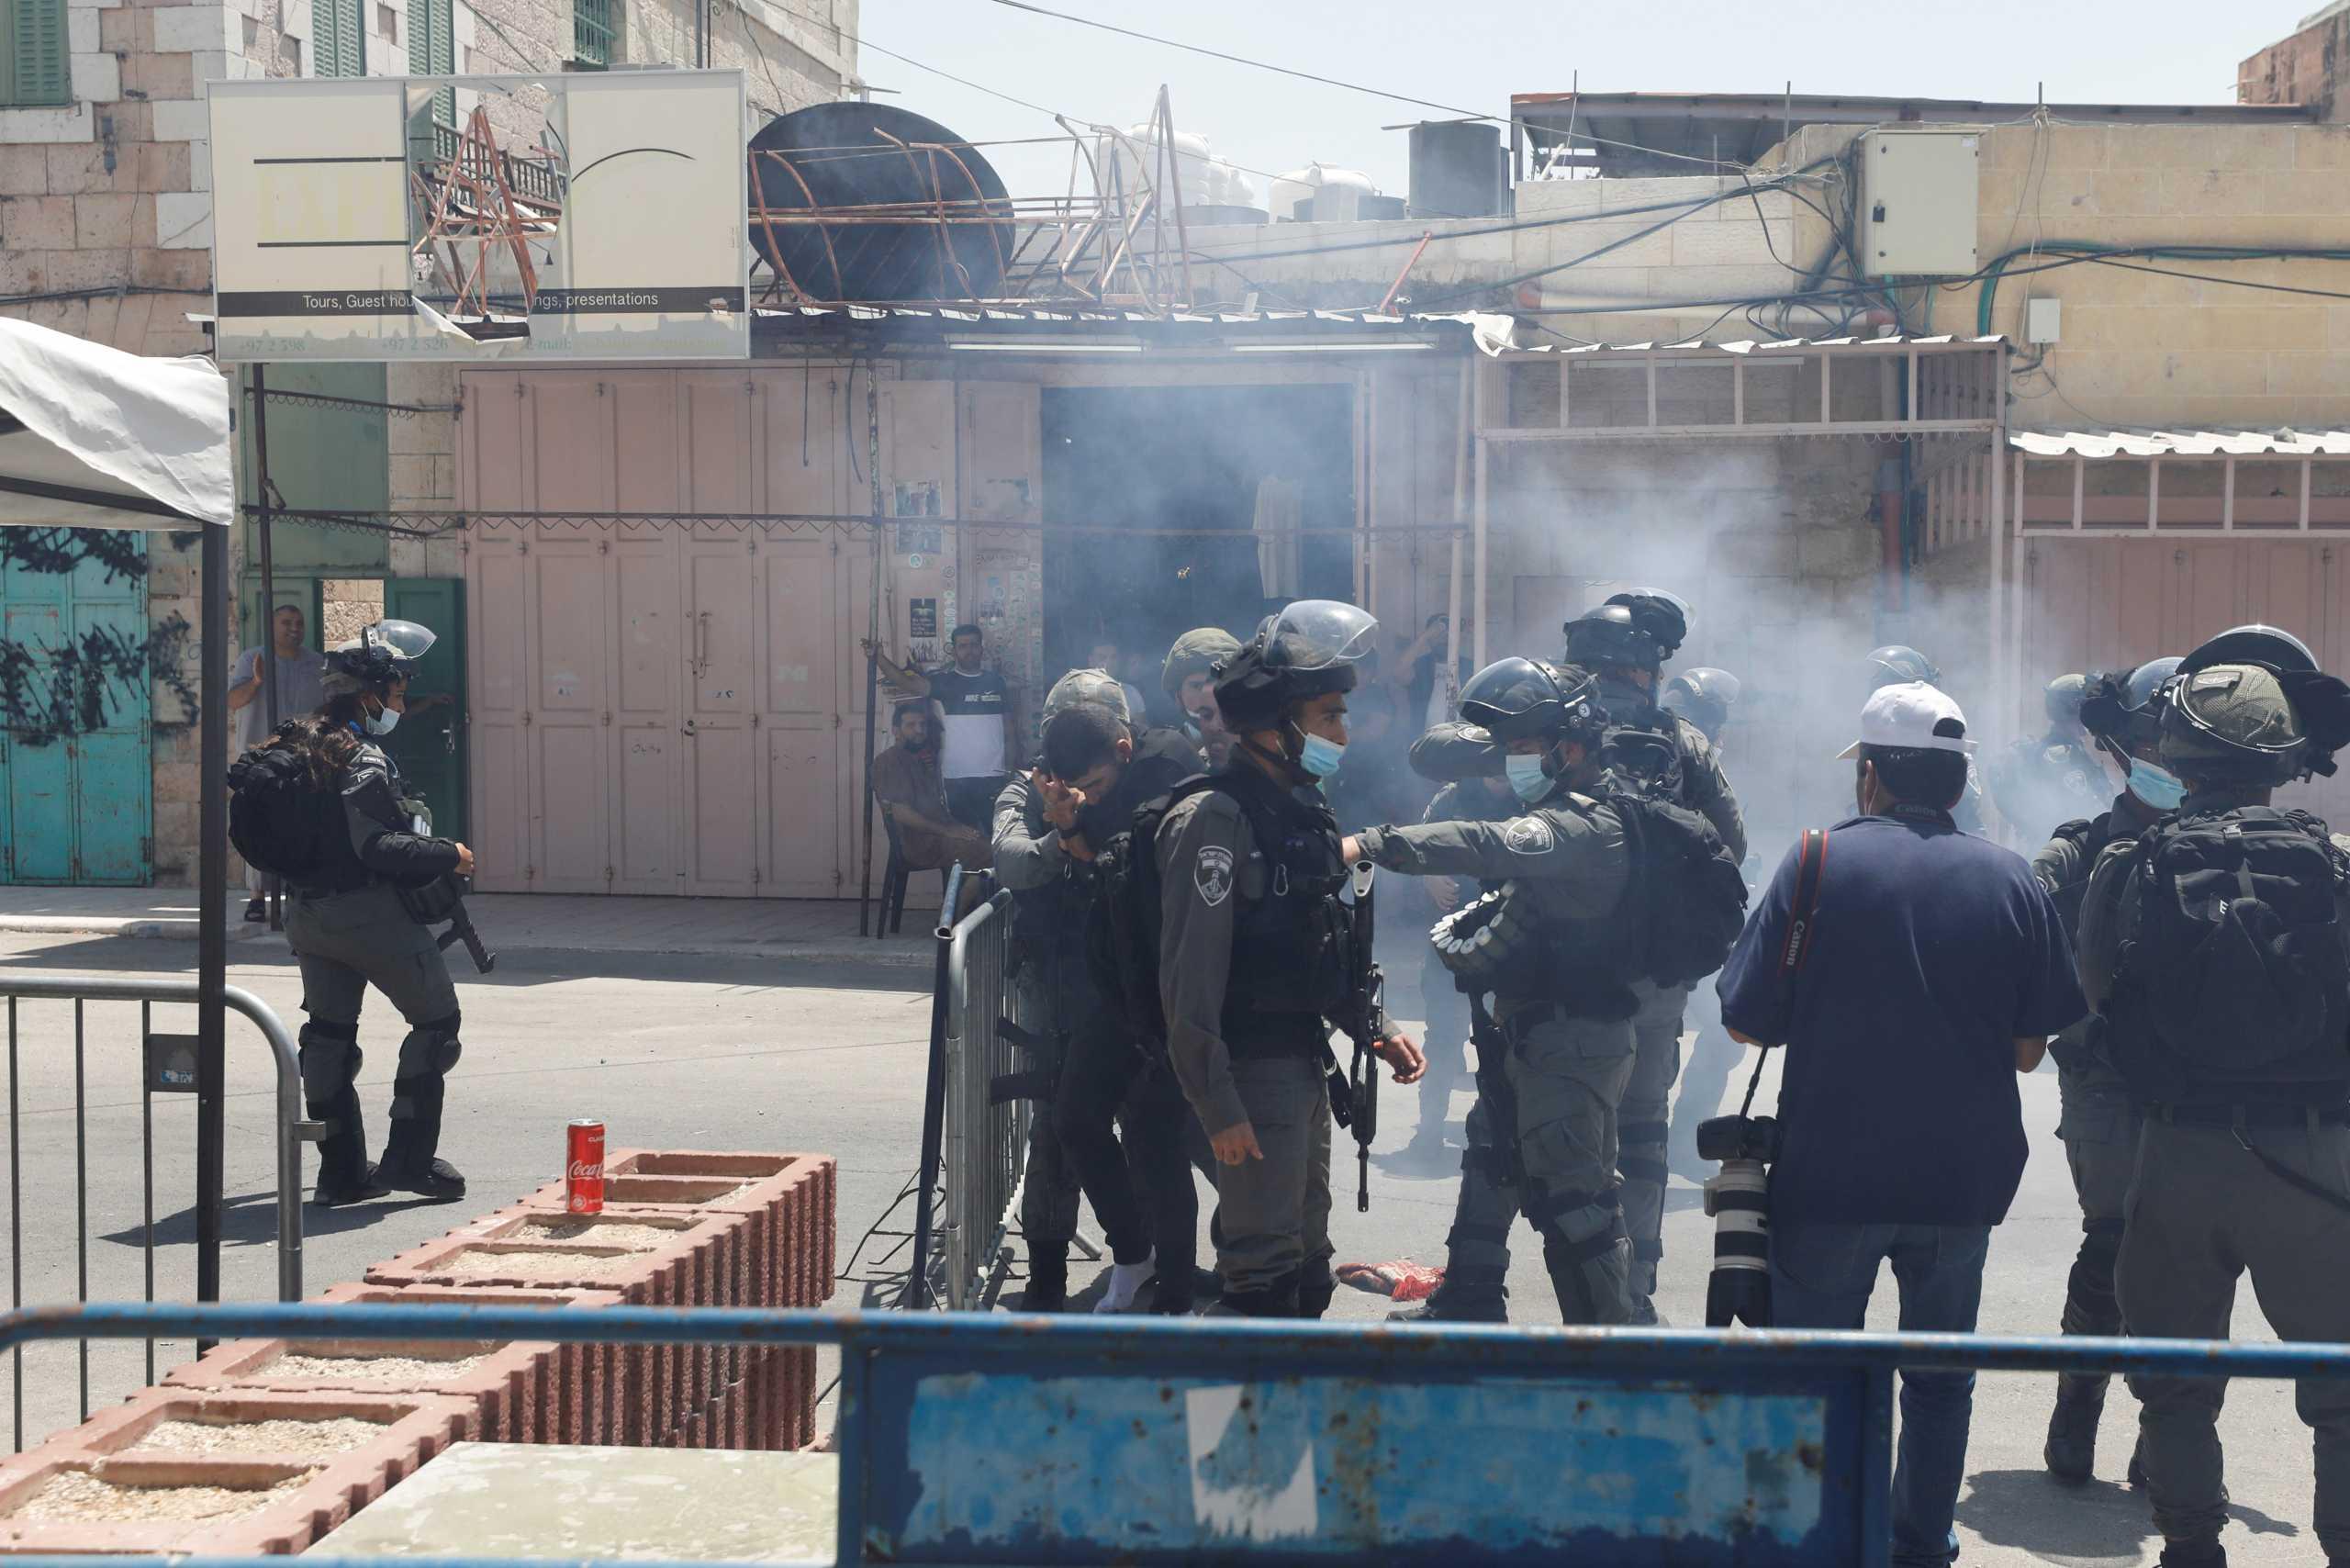 Δυτική Όχθη: Συγκρούσεις στη Τζενίν με τέσσερις νεκρούς